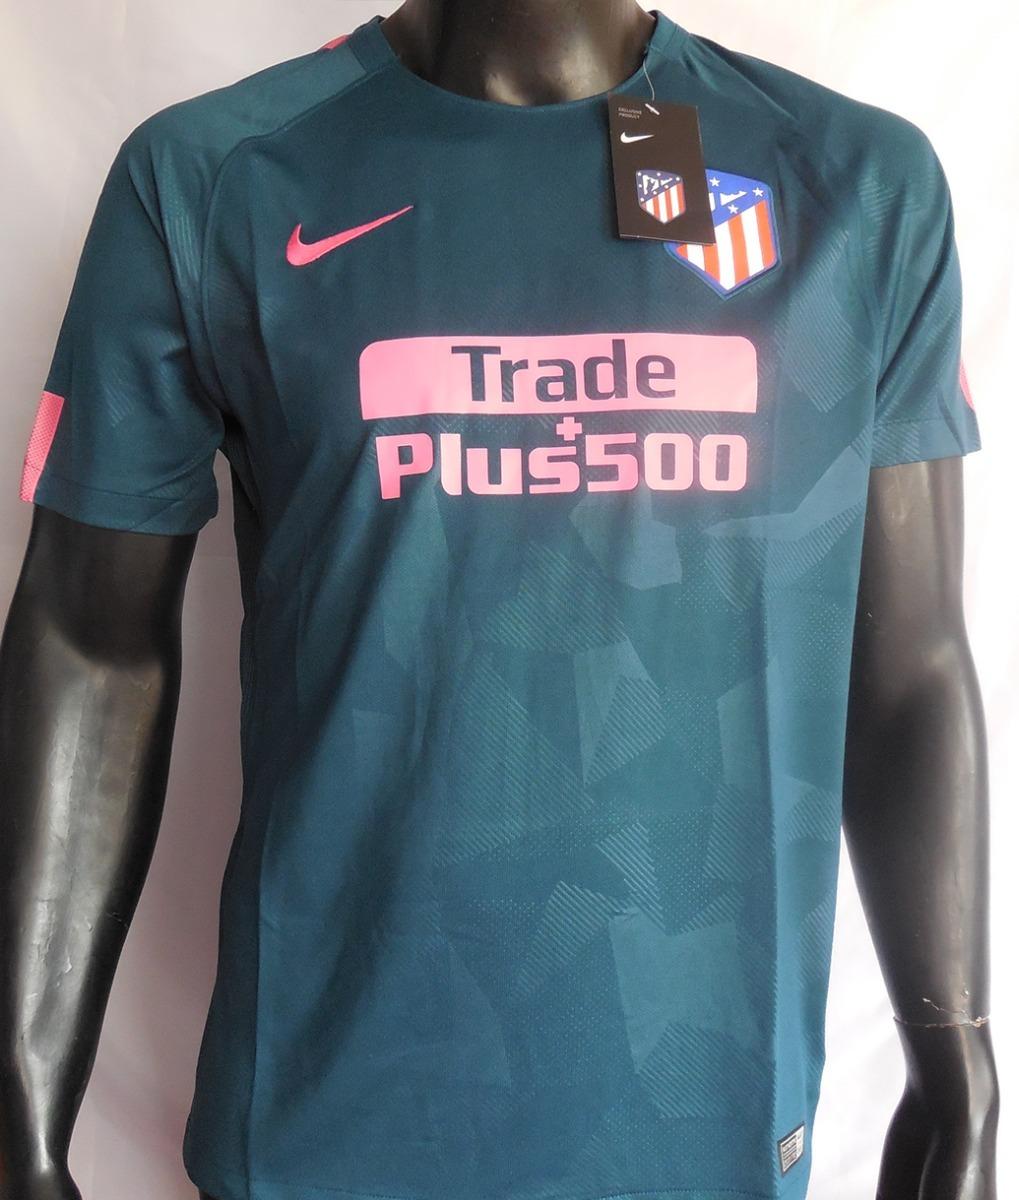 12443b56b558c Camiseta Atletico Madrid Third 17/18 Nike - S/ 70,00 en Mercado Libre